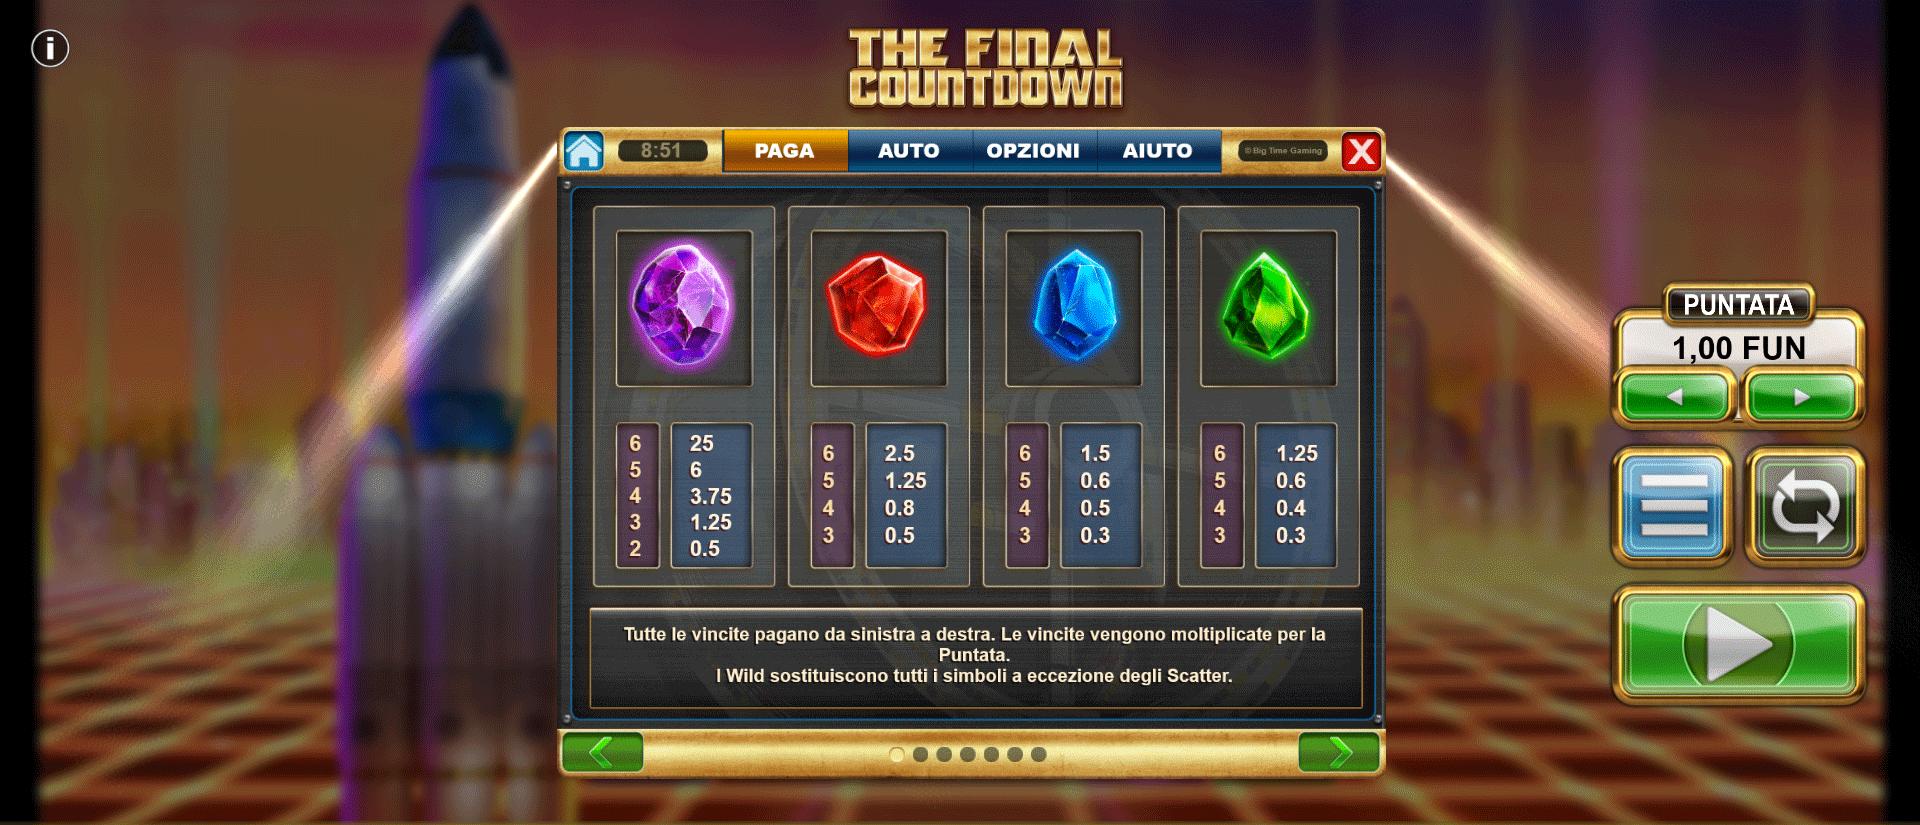 tabella dei pagamenti della slot online the final countdown